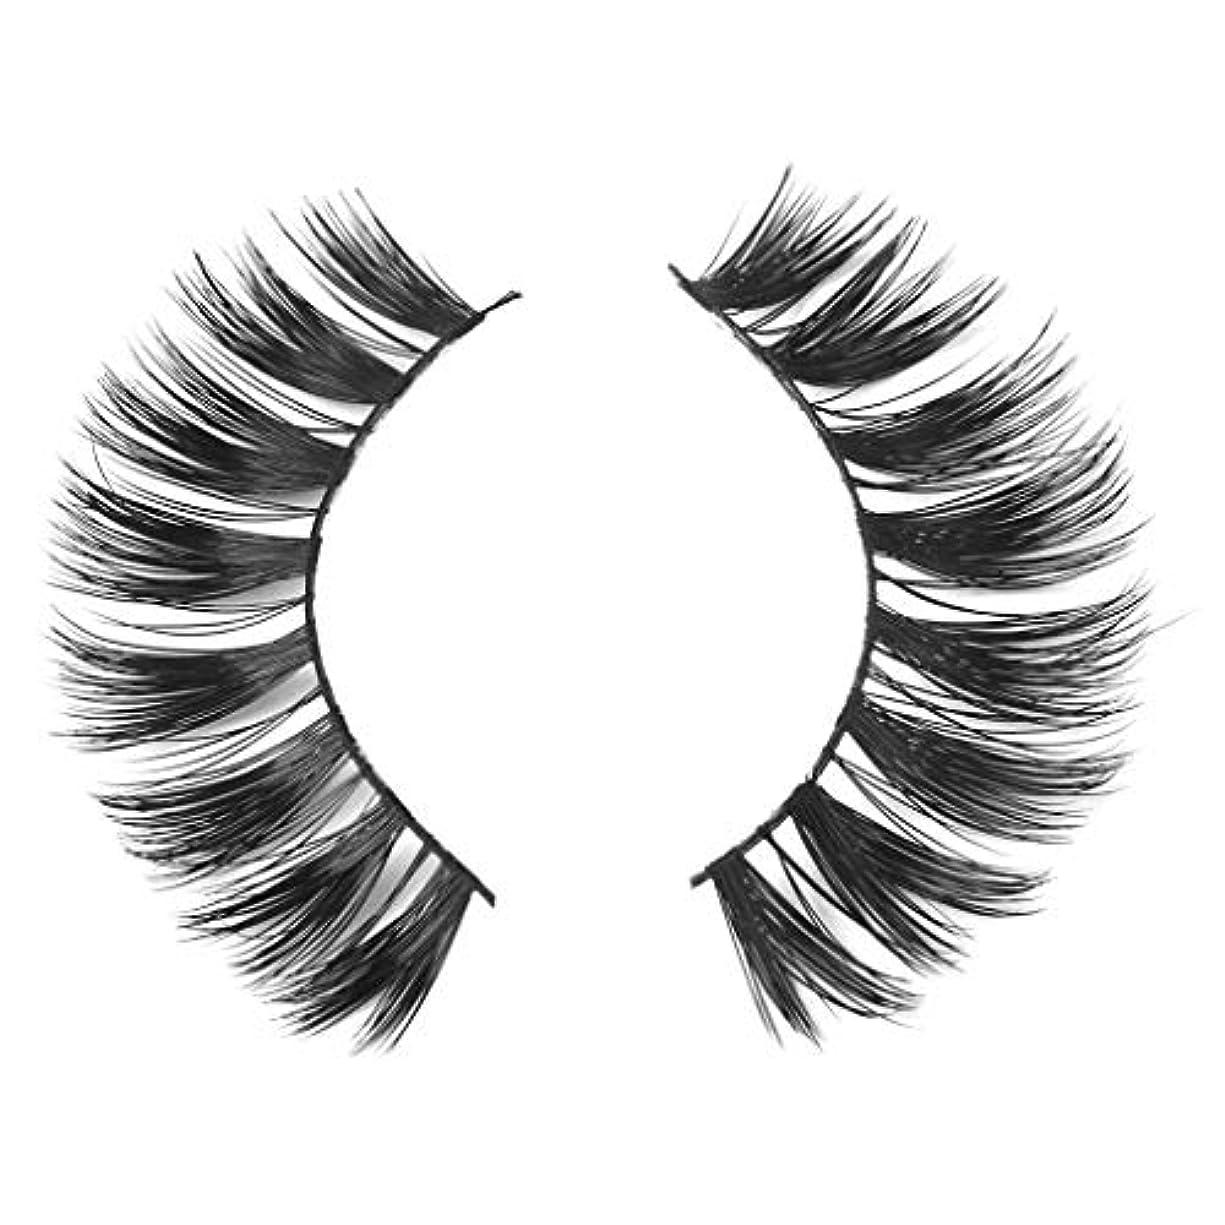 粘着性天のキッチンミンクの毛の自然な厚くなる化粧品の3D版のための一組のまつげ